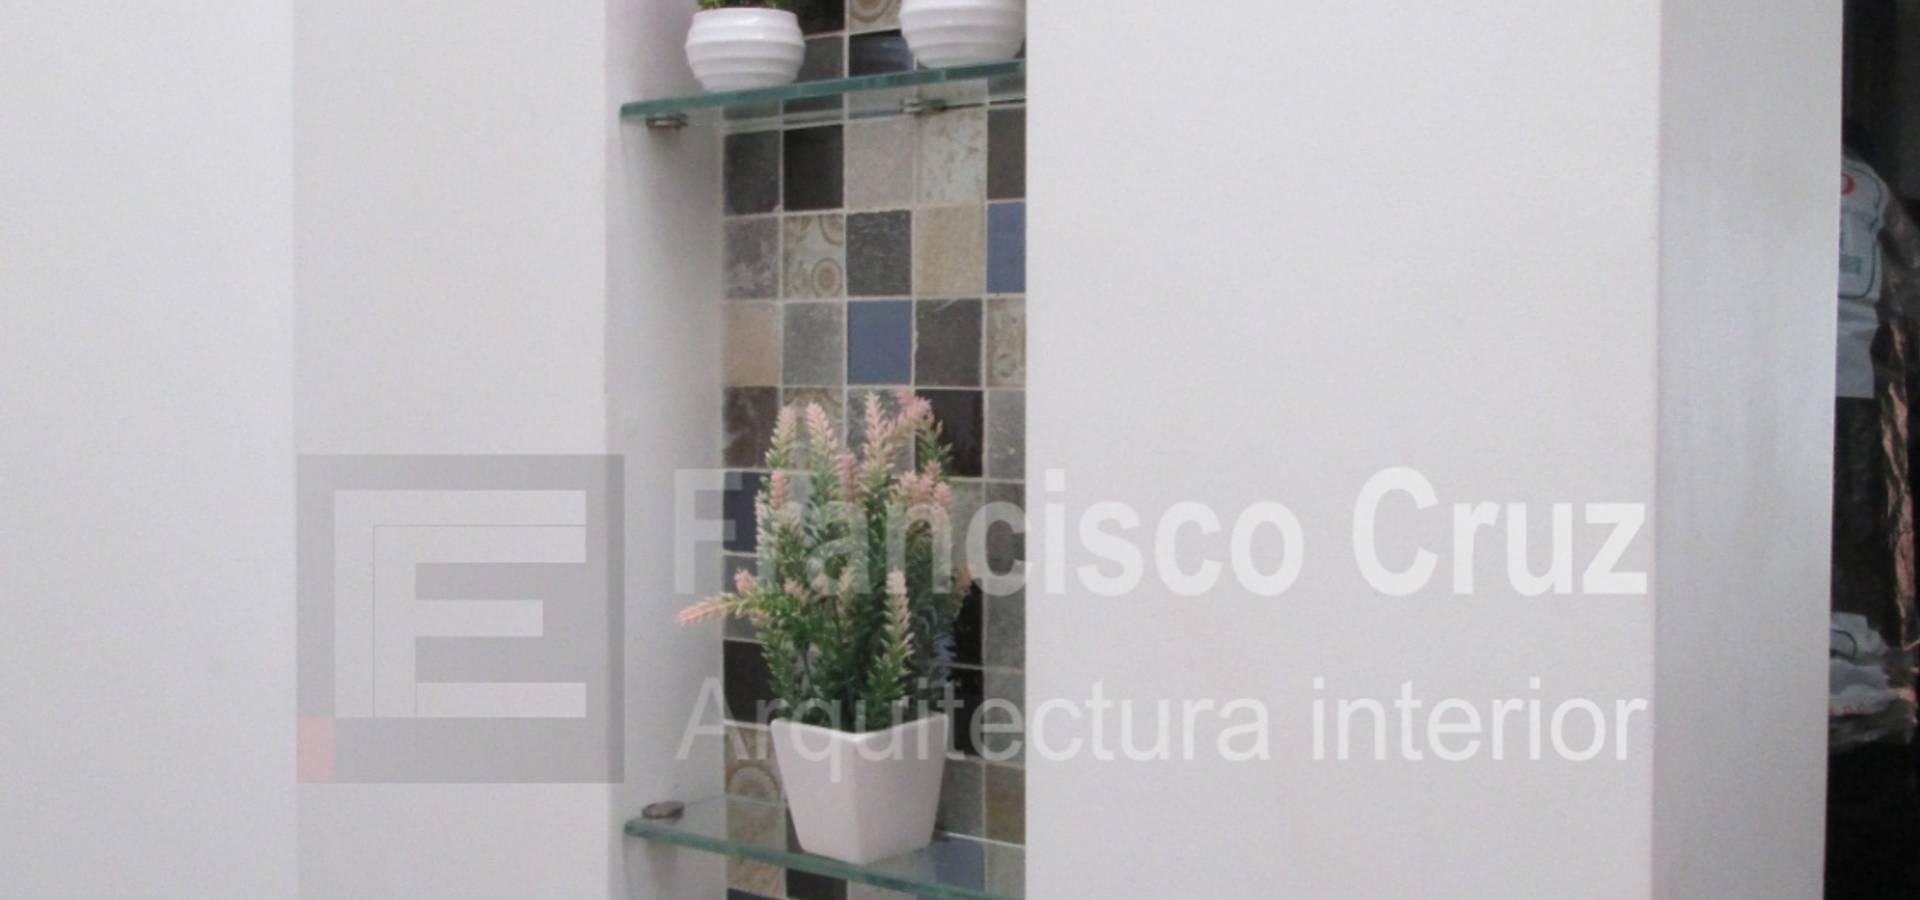 Francisco Cruz Arquitectura Interior